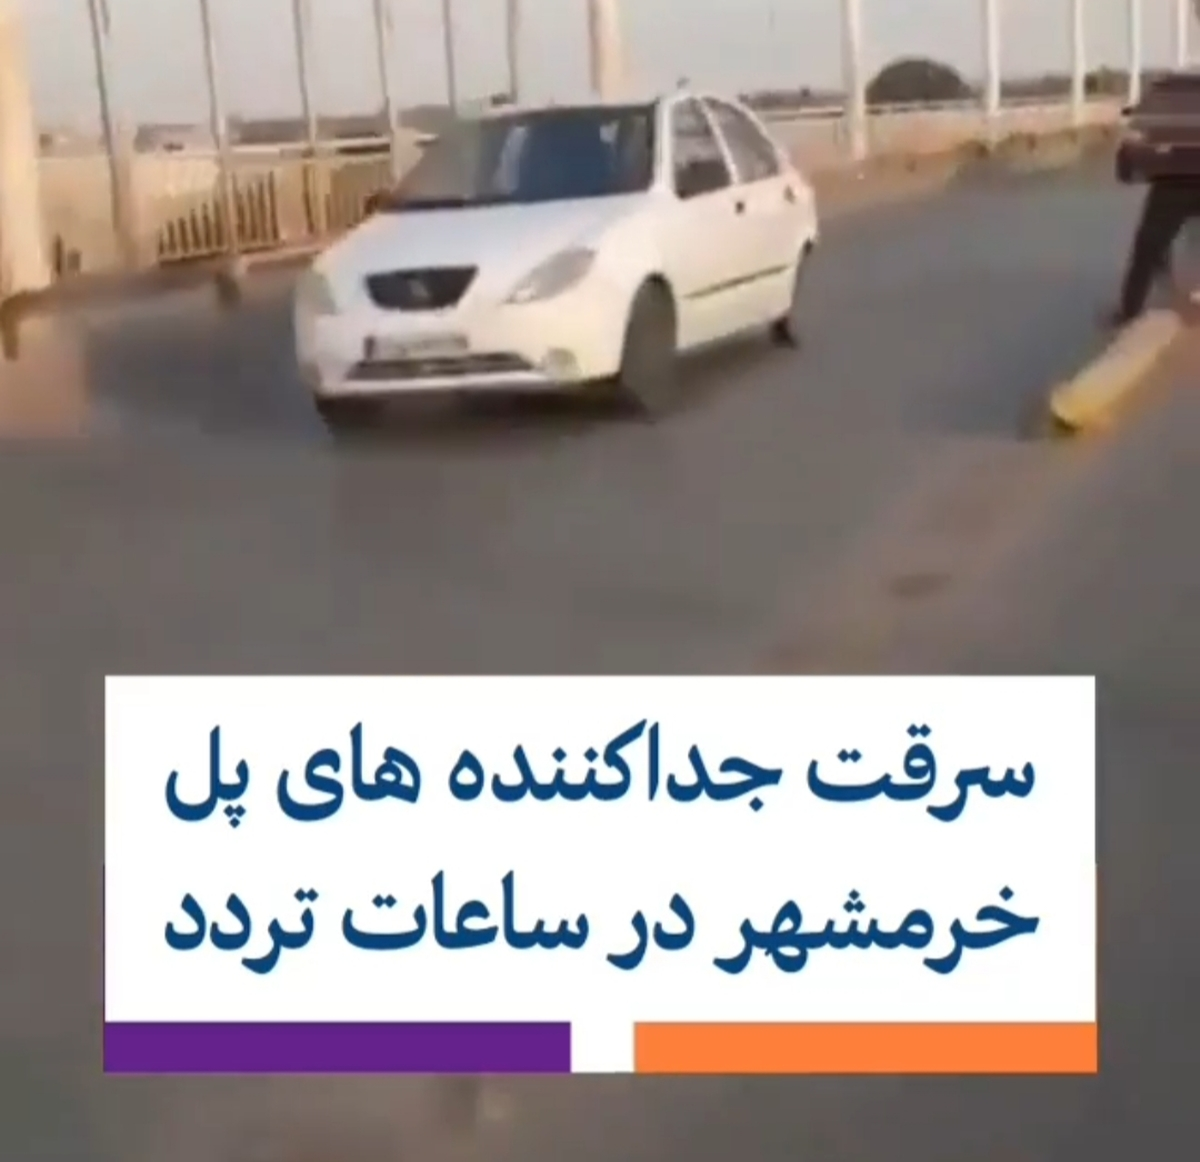 سرقت جداکنندههای پلخرمشهر در روز روشن و میان تردد خودروها! + ویدئو